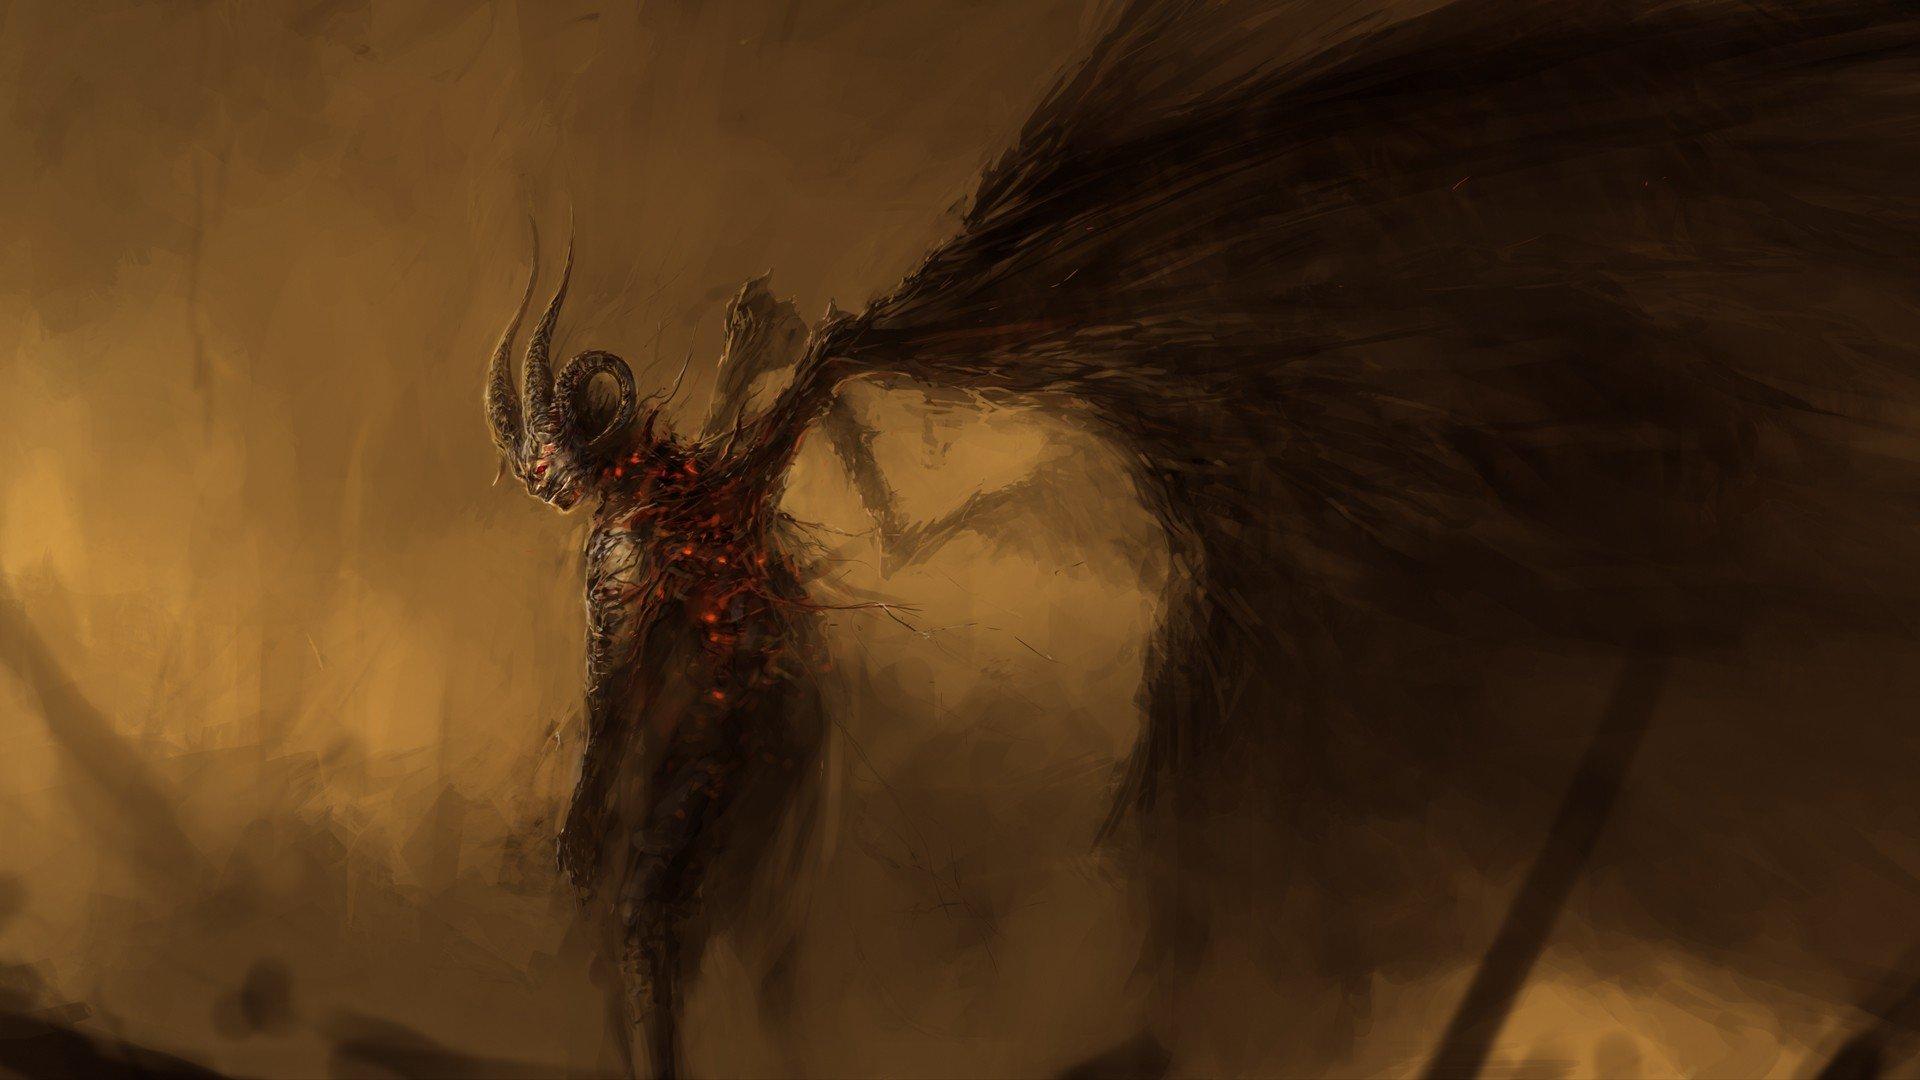 Demon_of_the_skies.jpg